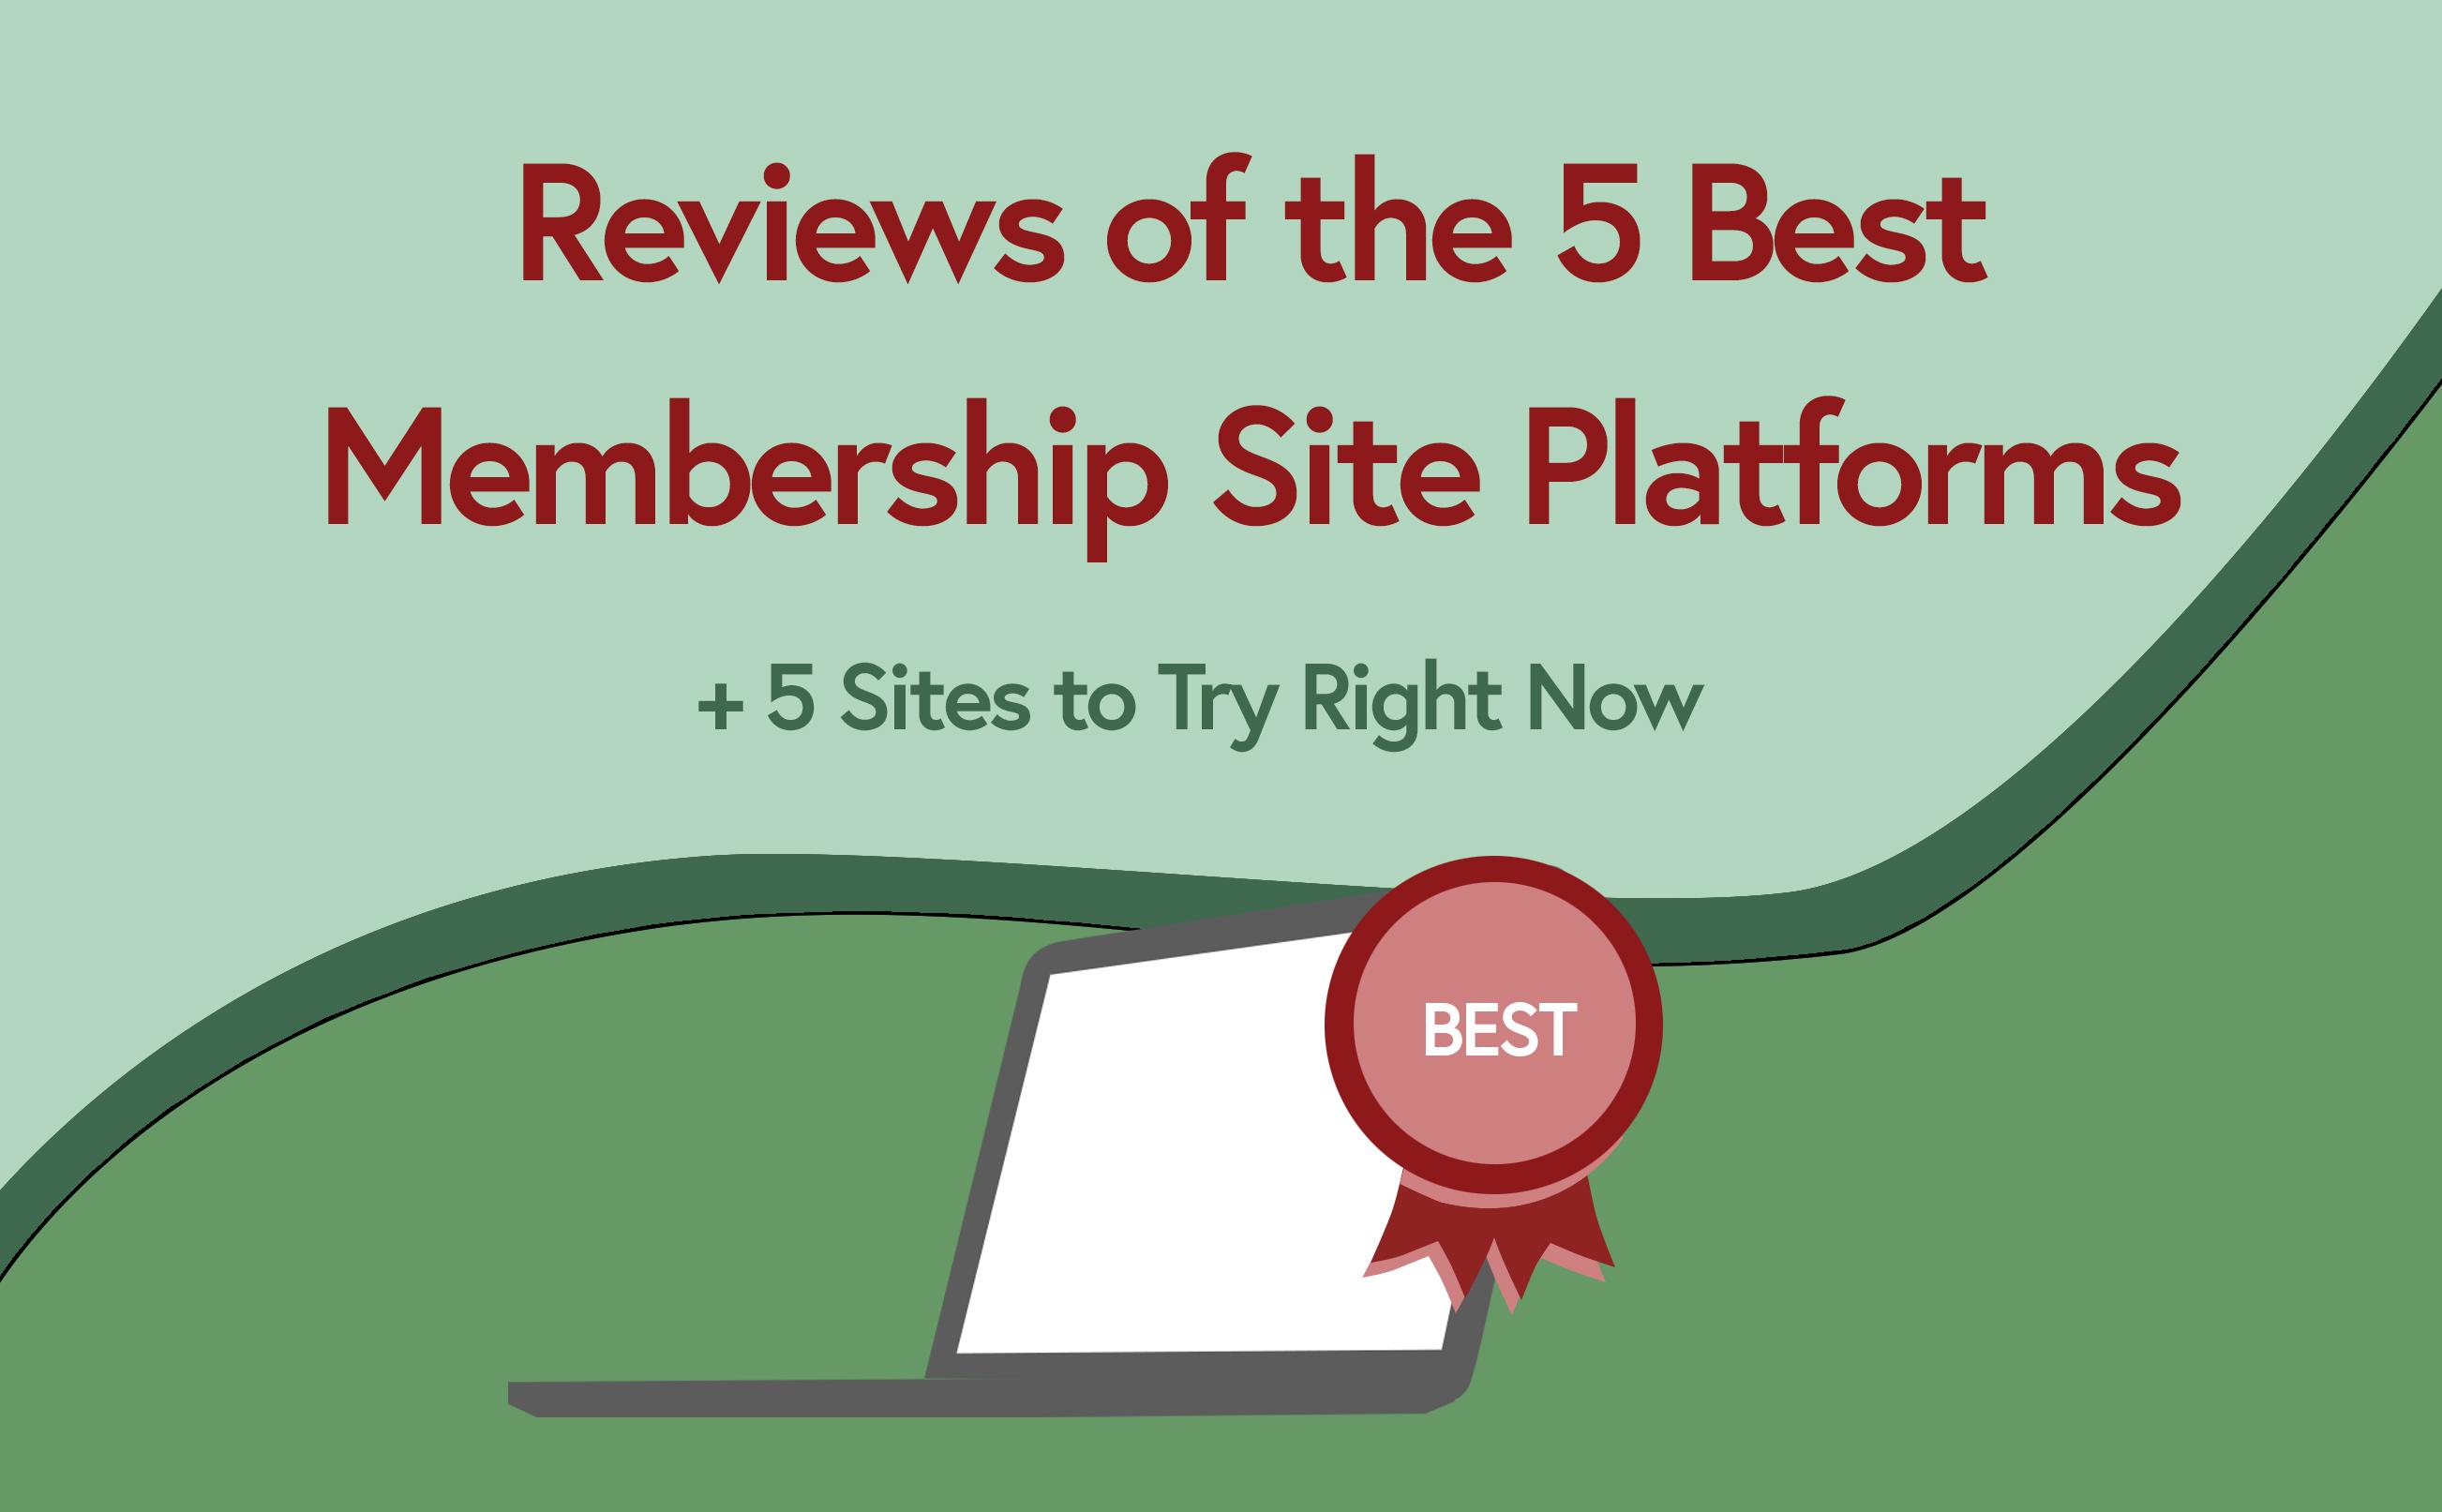 Best Membership Site Platforms